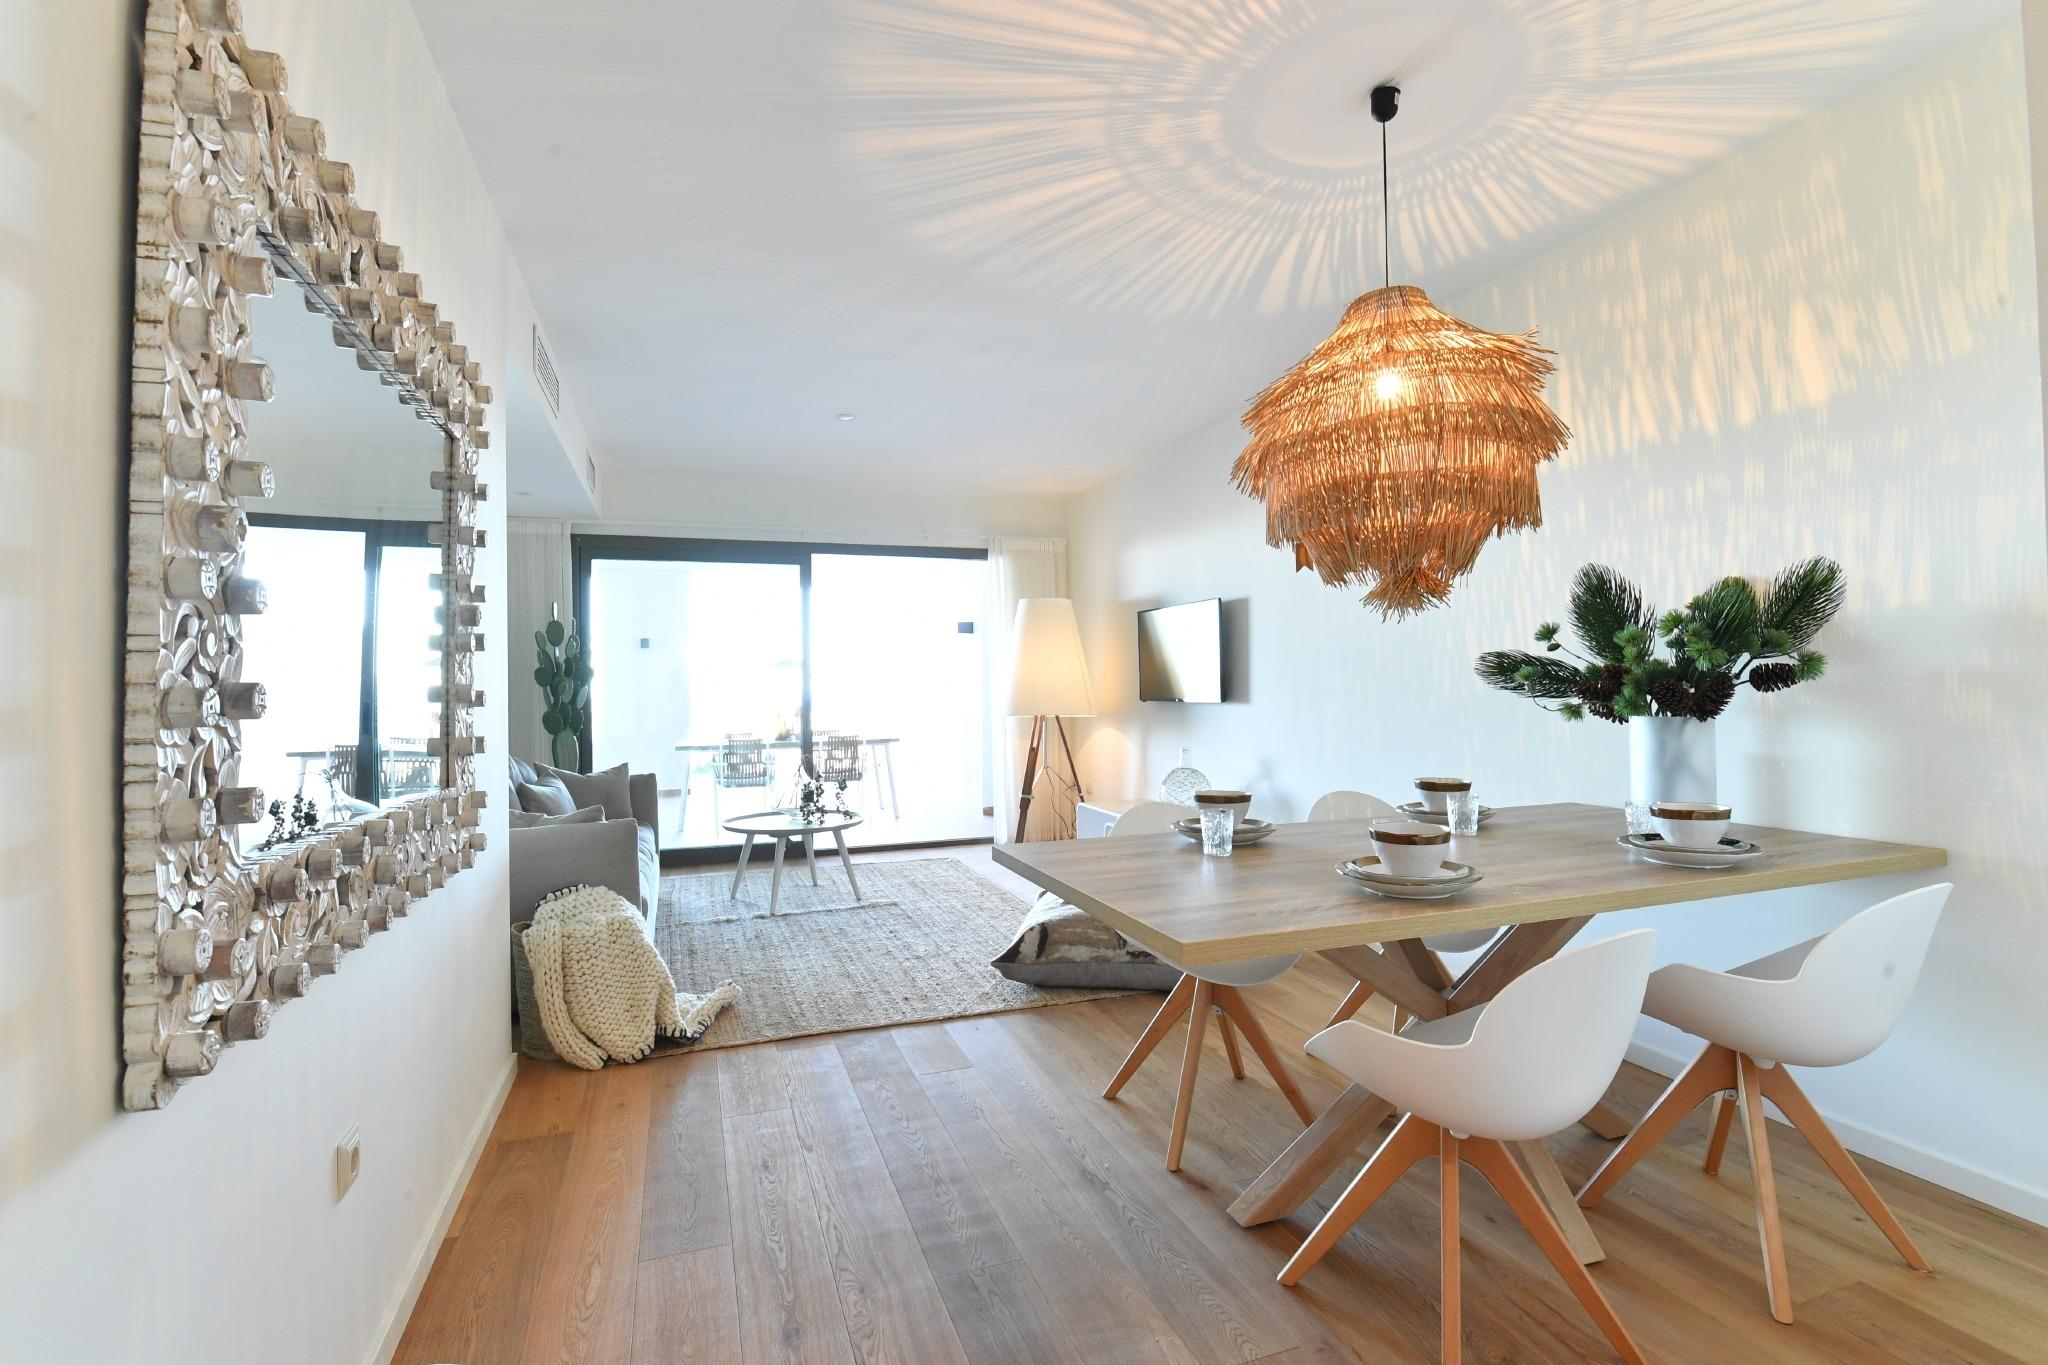 La-Cala-Suites-Ibiza-Style-Interior-5